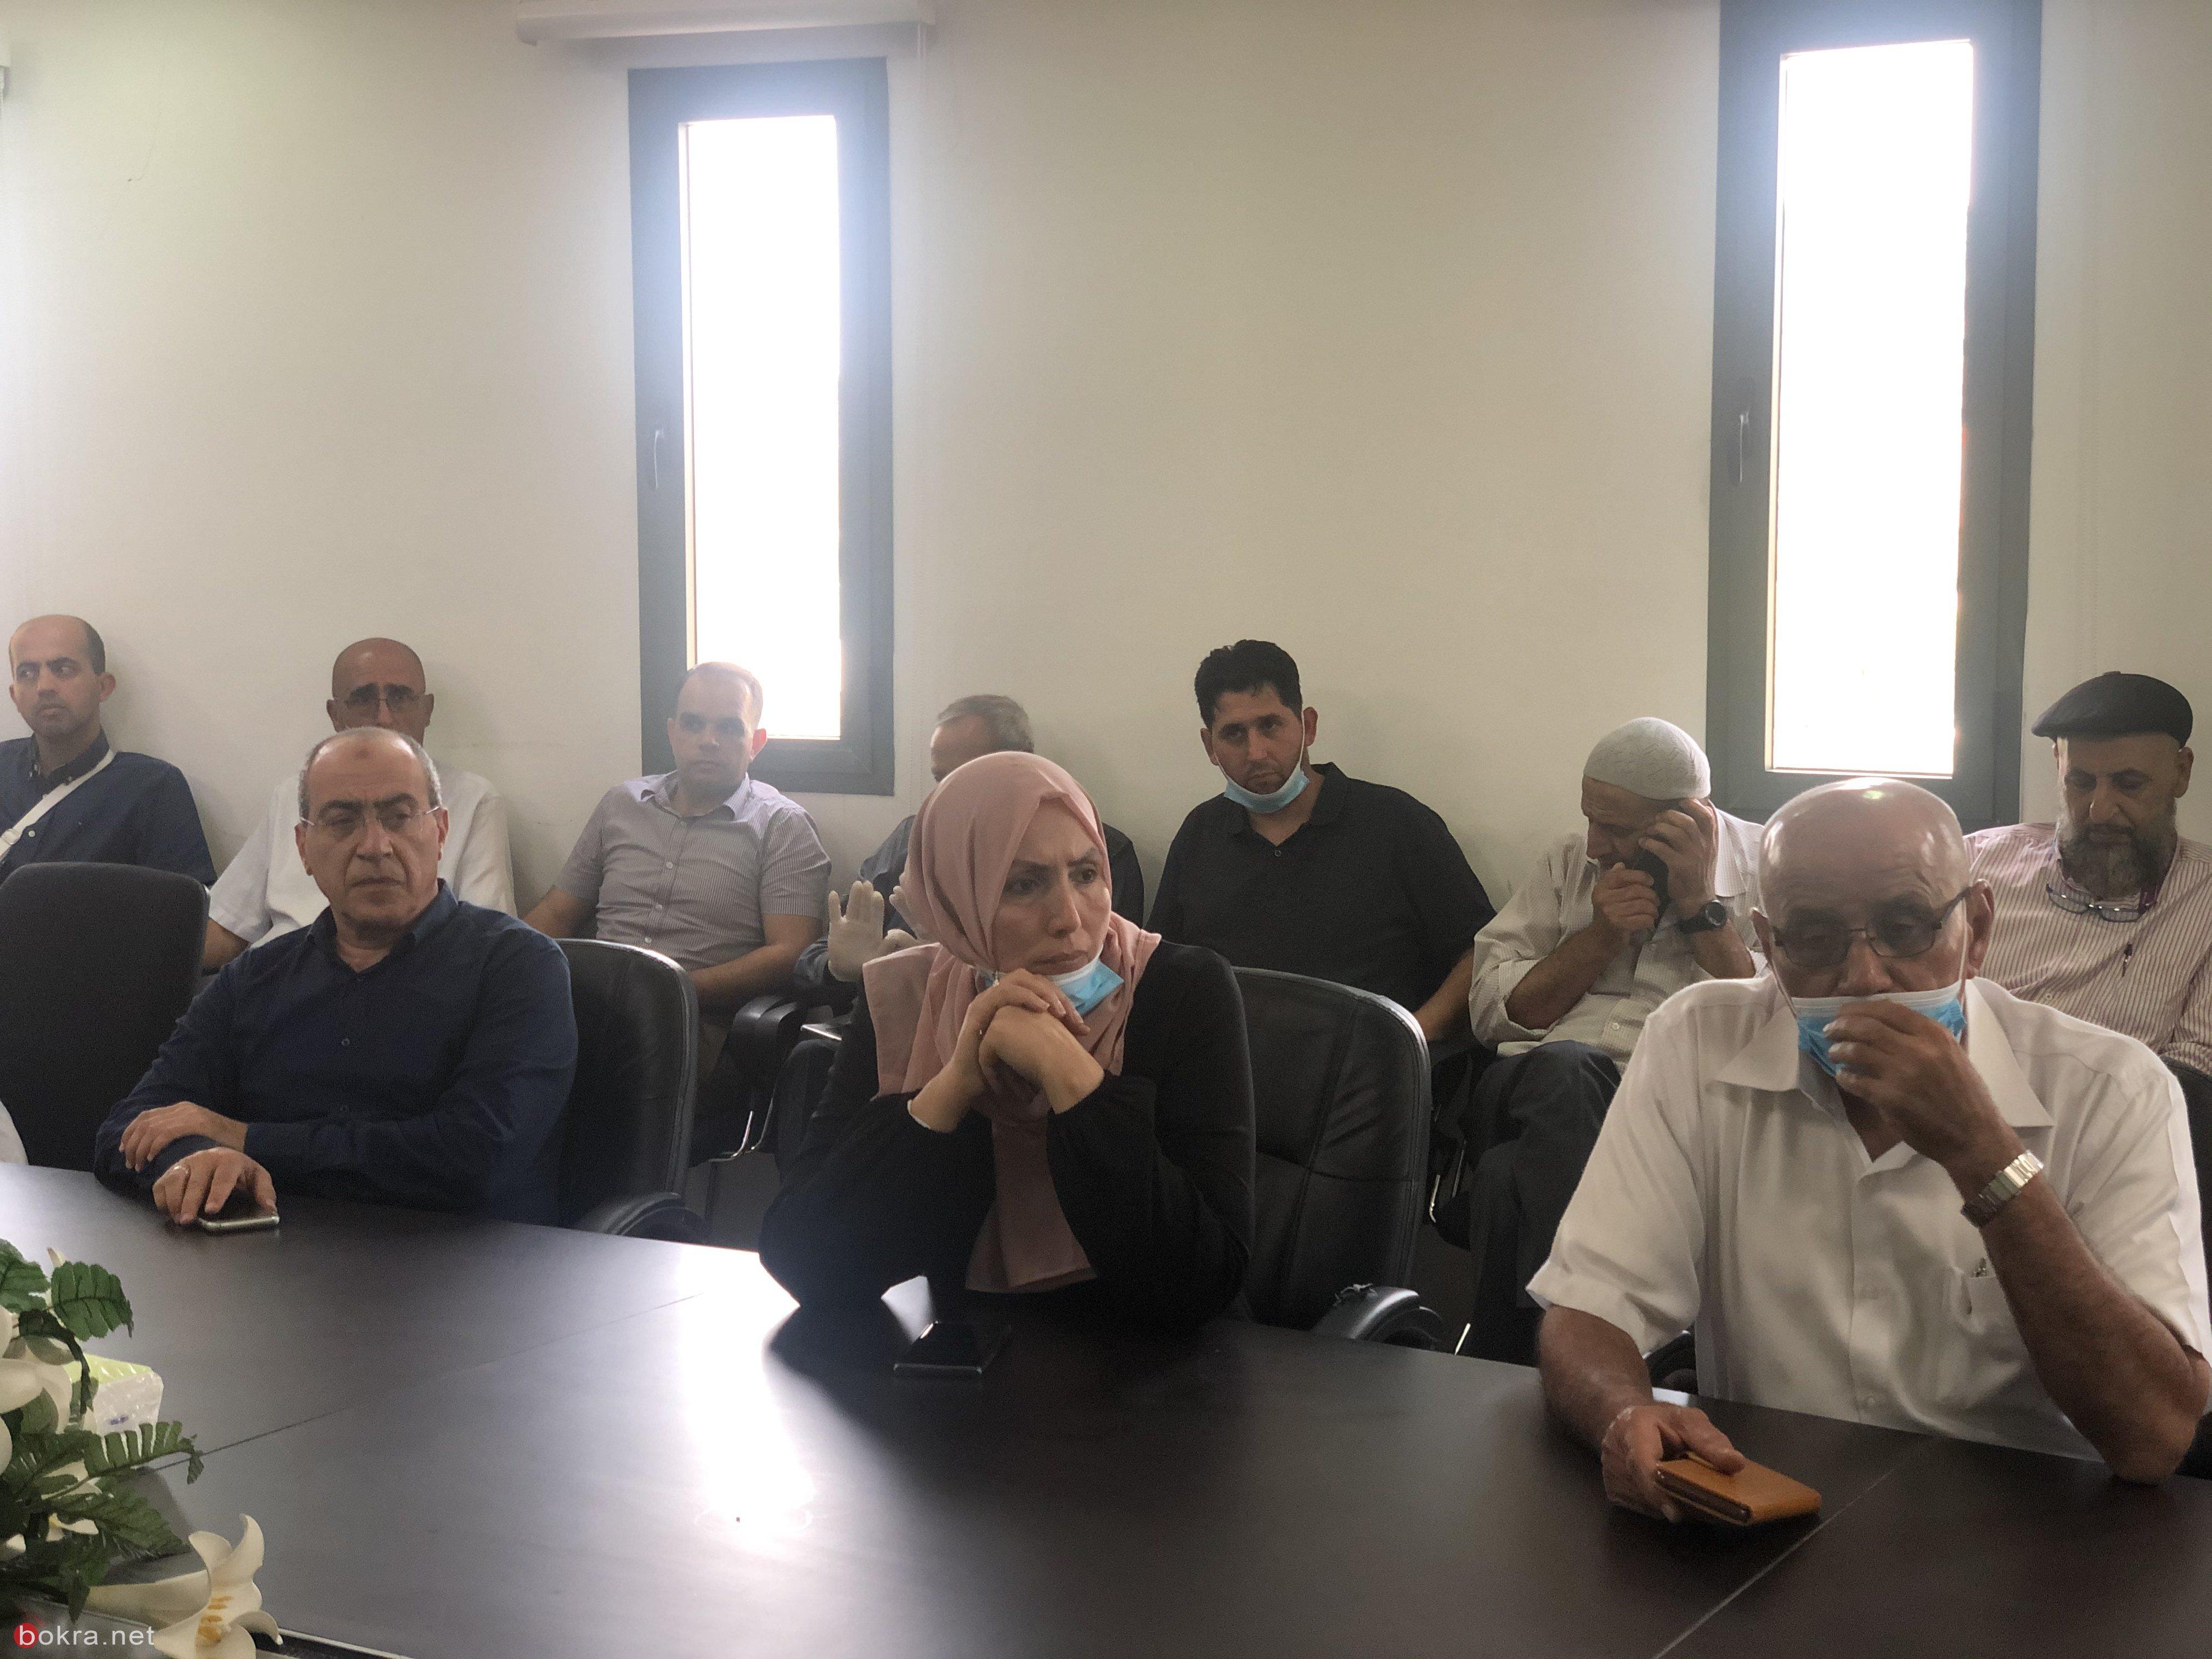 تشييع جثمان الشهيد مصطفى يونس اليوم .. والإعلان عن مظاهرة أمام تل هشومير